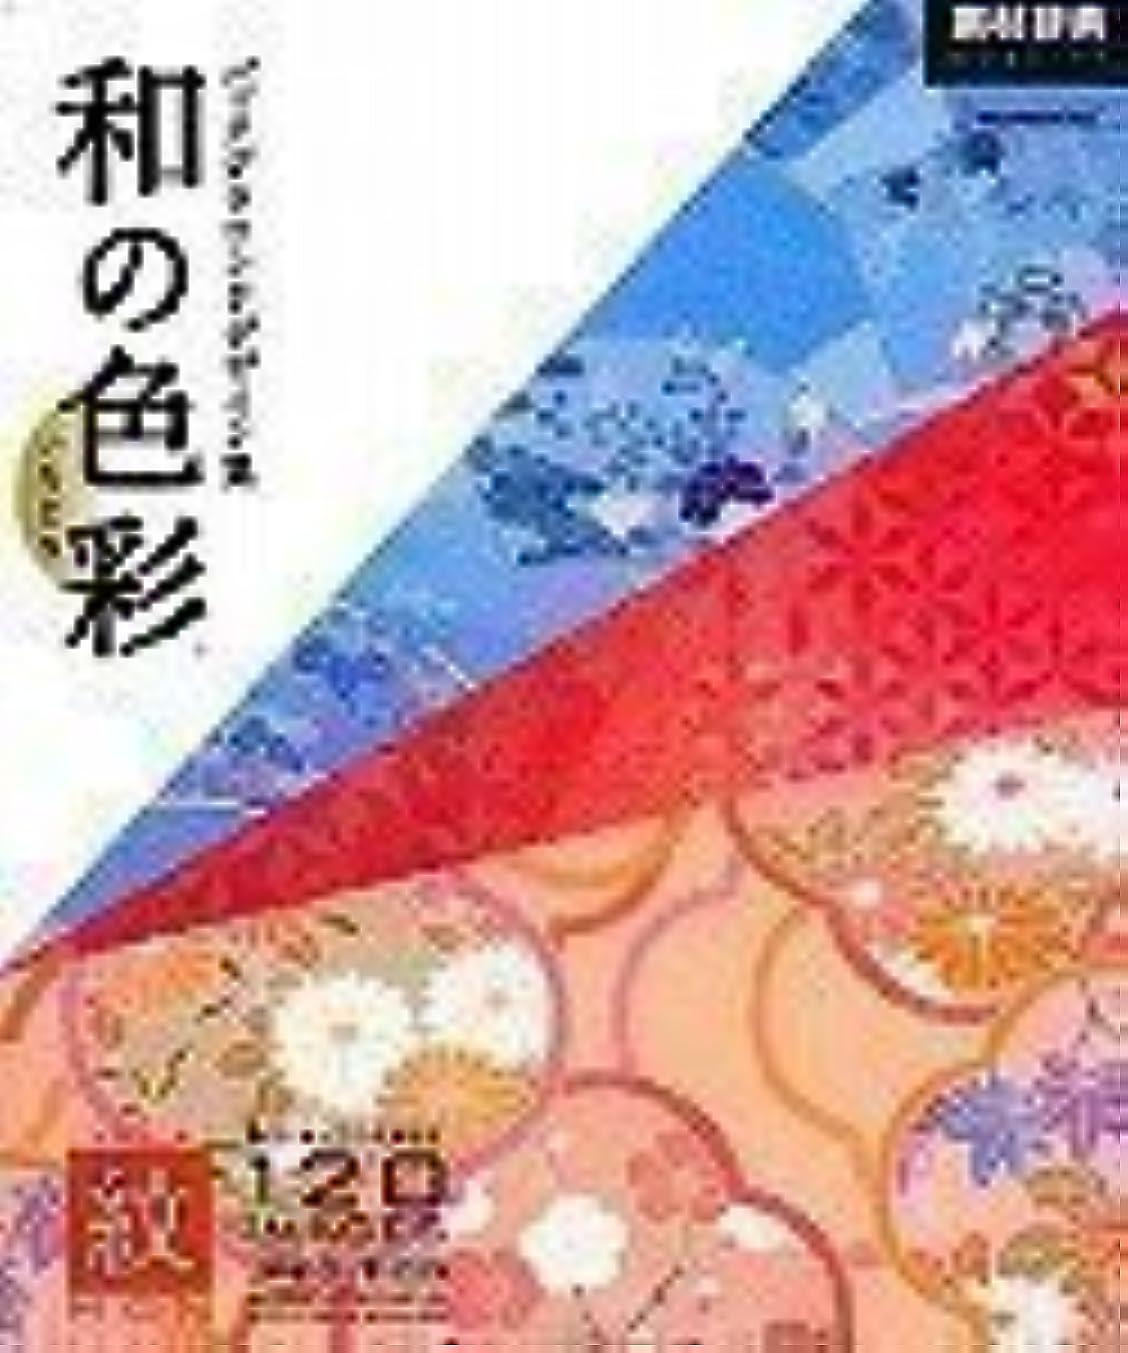 正統派女性コミュニティ和の色彩(いろどり) Vol.5<紋>